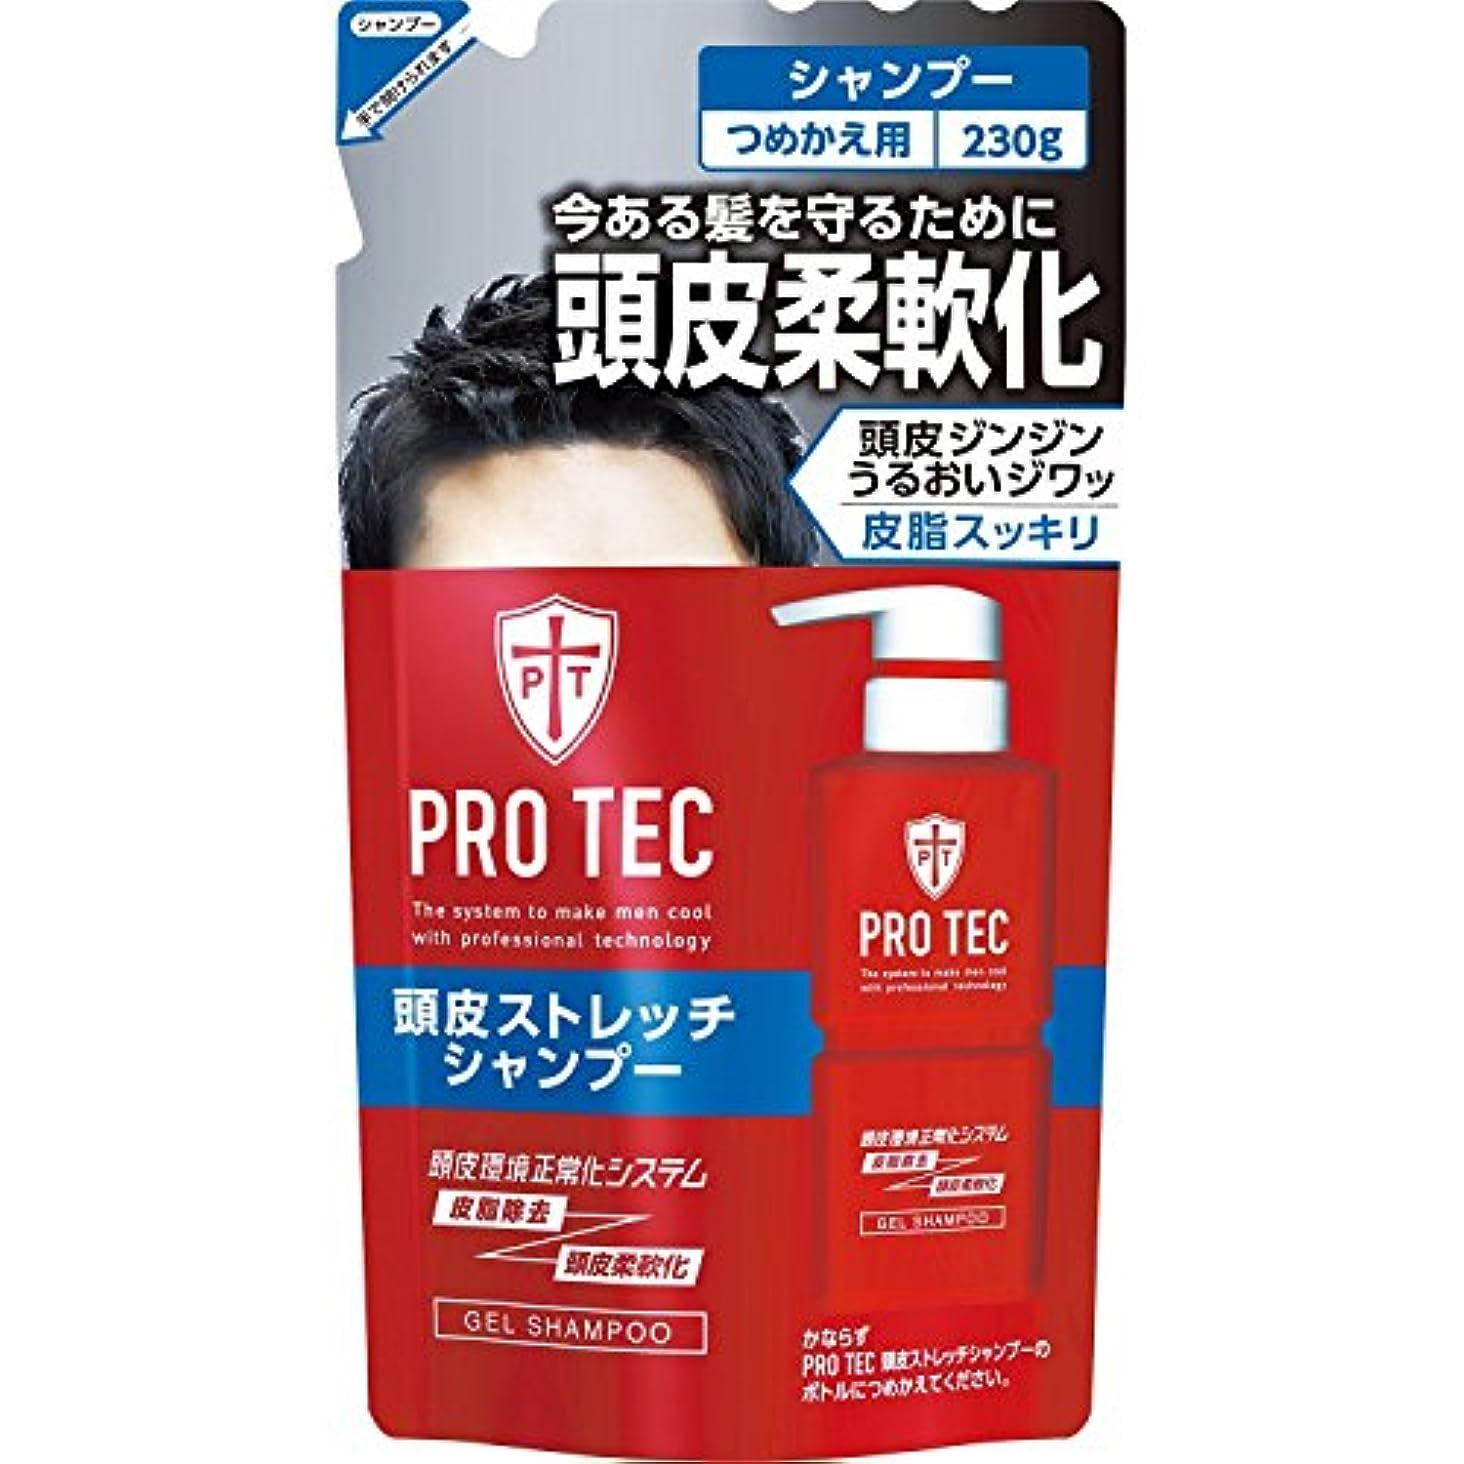 おとこ編集者焼くPRO TEC(プロテク) 頭皮ストレッチ シャンプー 詰め替え 230g(医薬部外品)